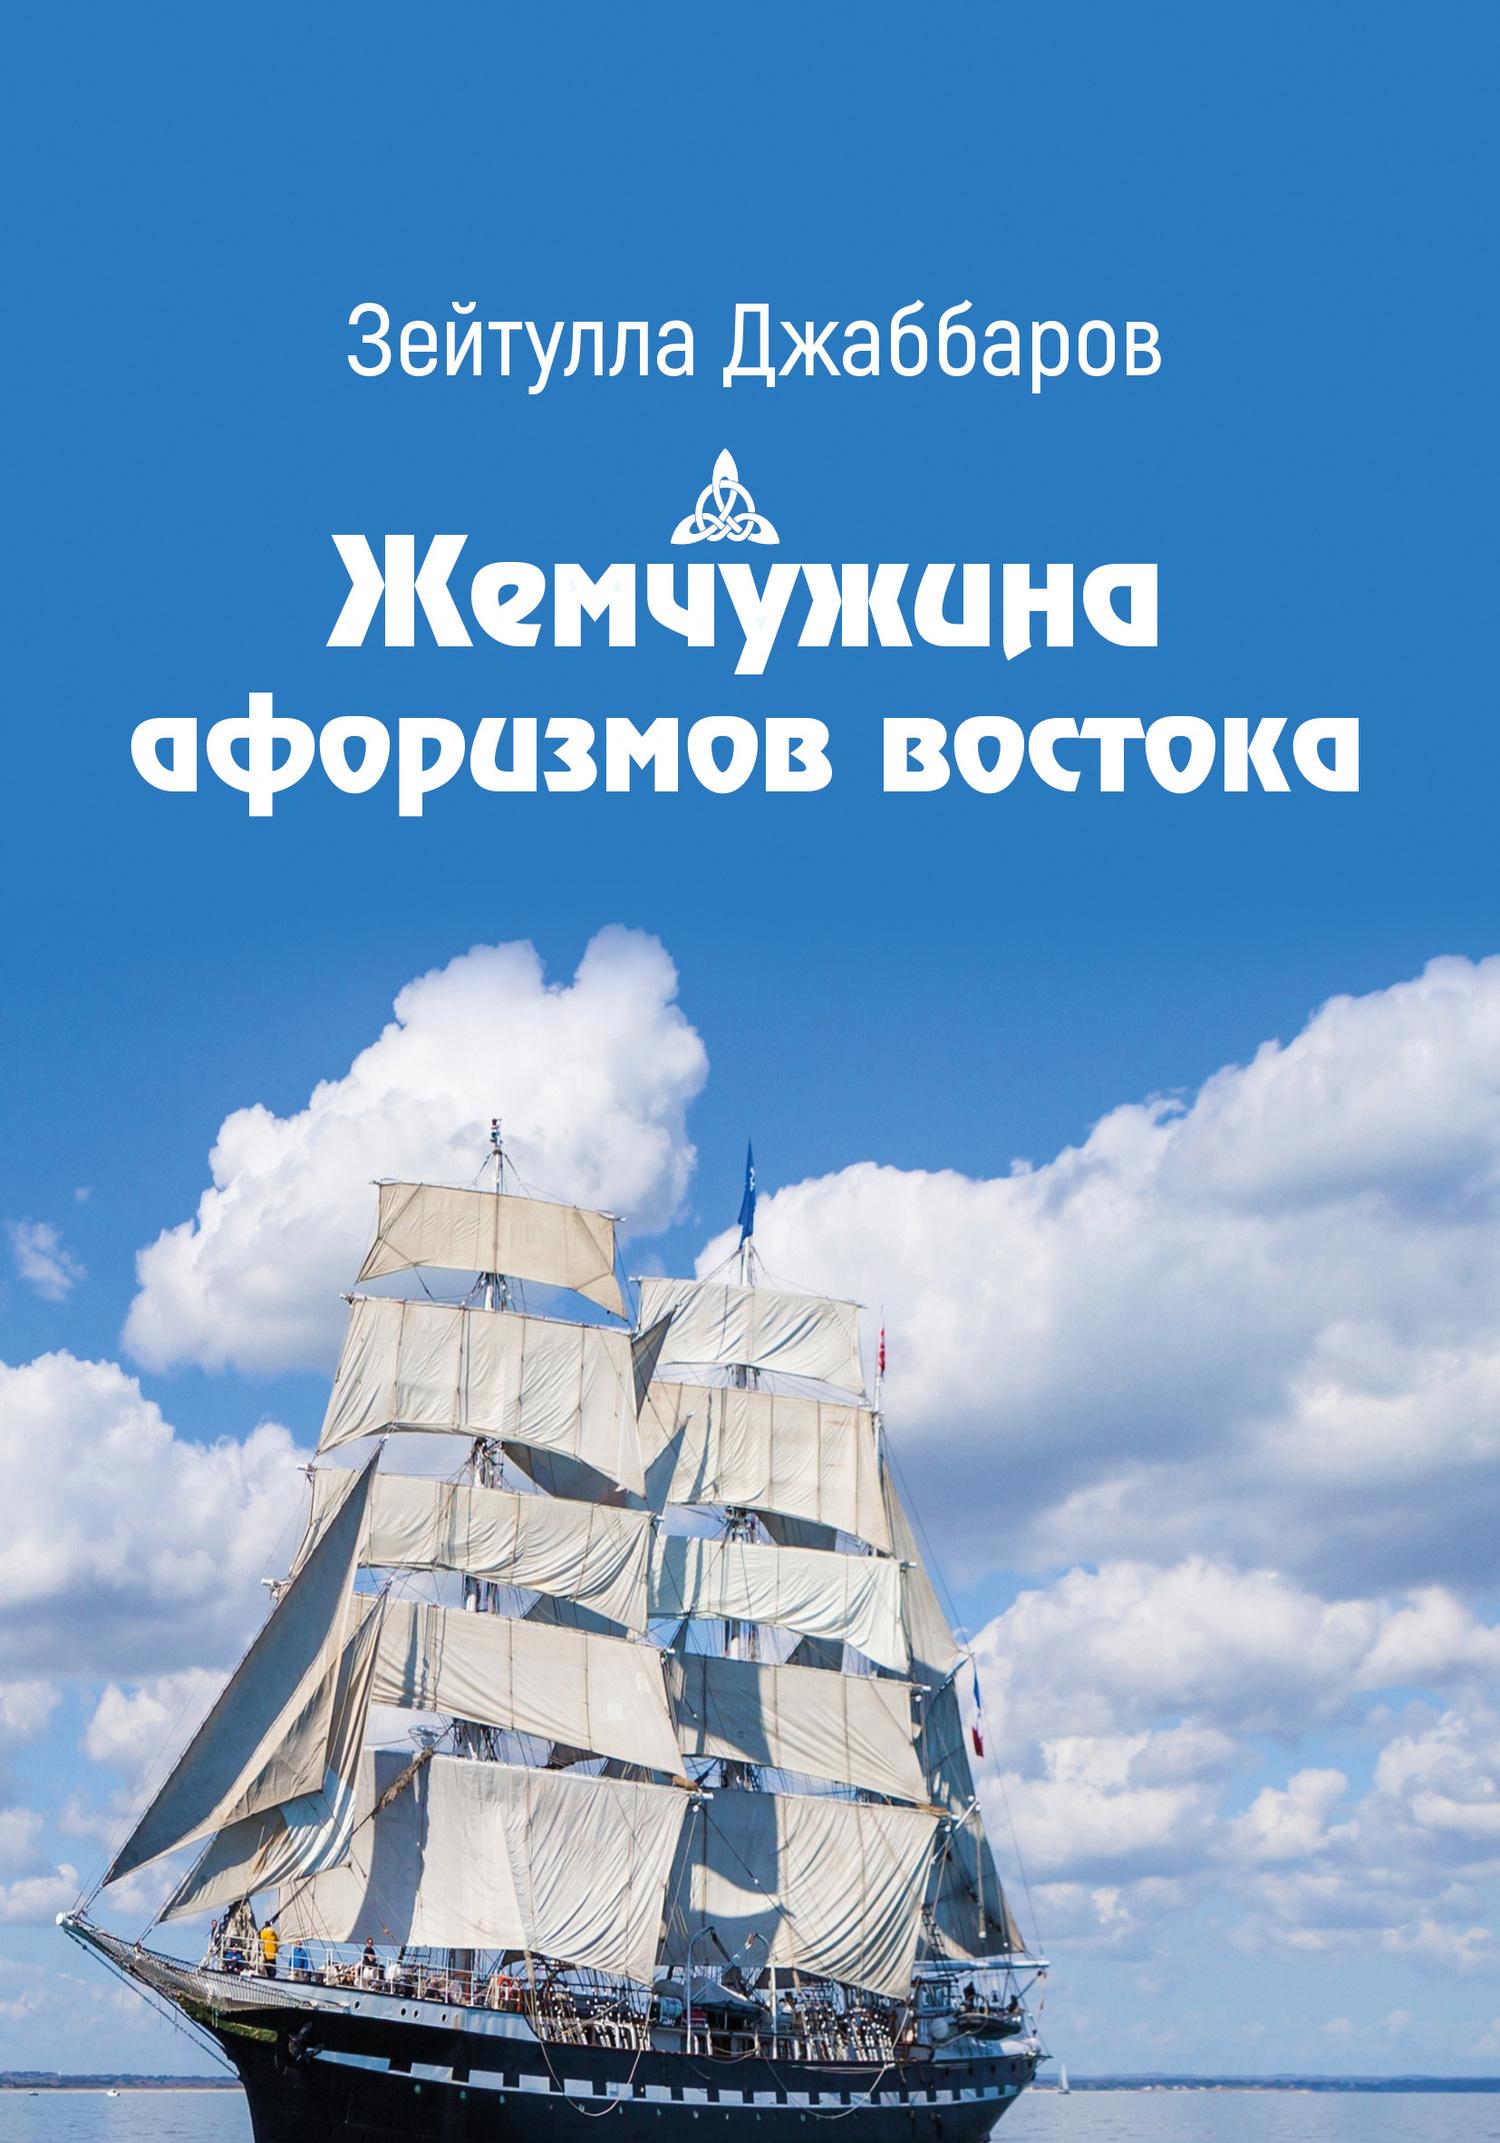 Зейтулла Джаббаров - Жемчужины афоризмов востока